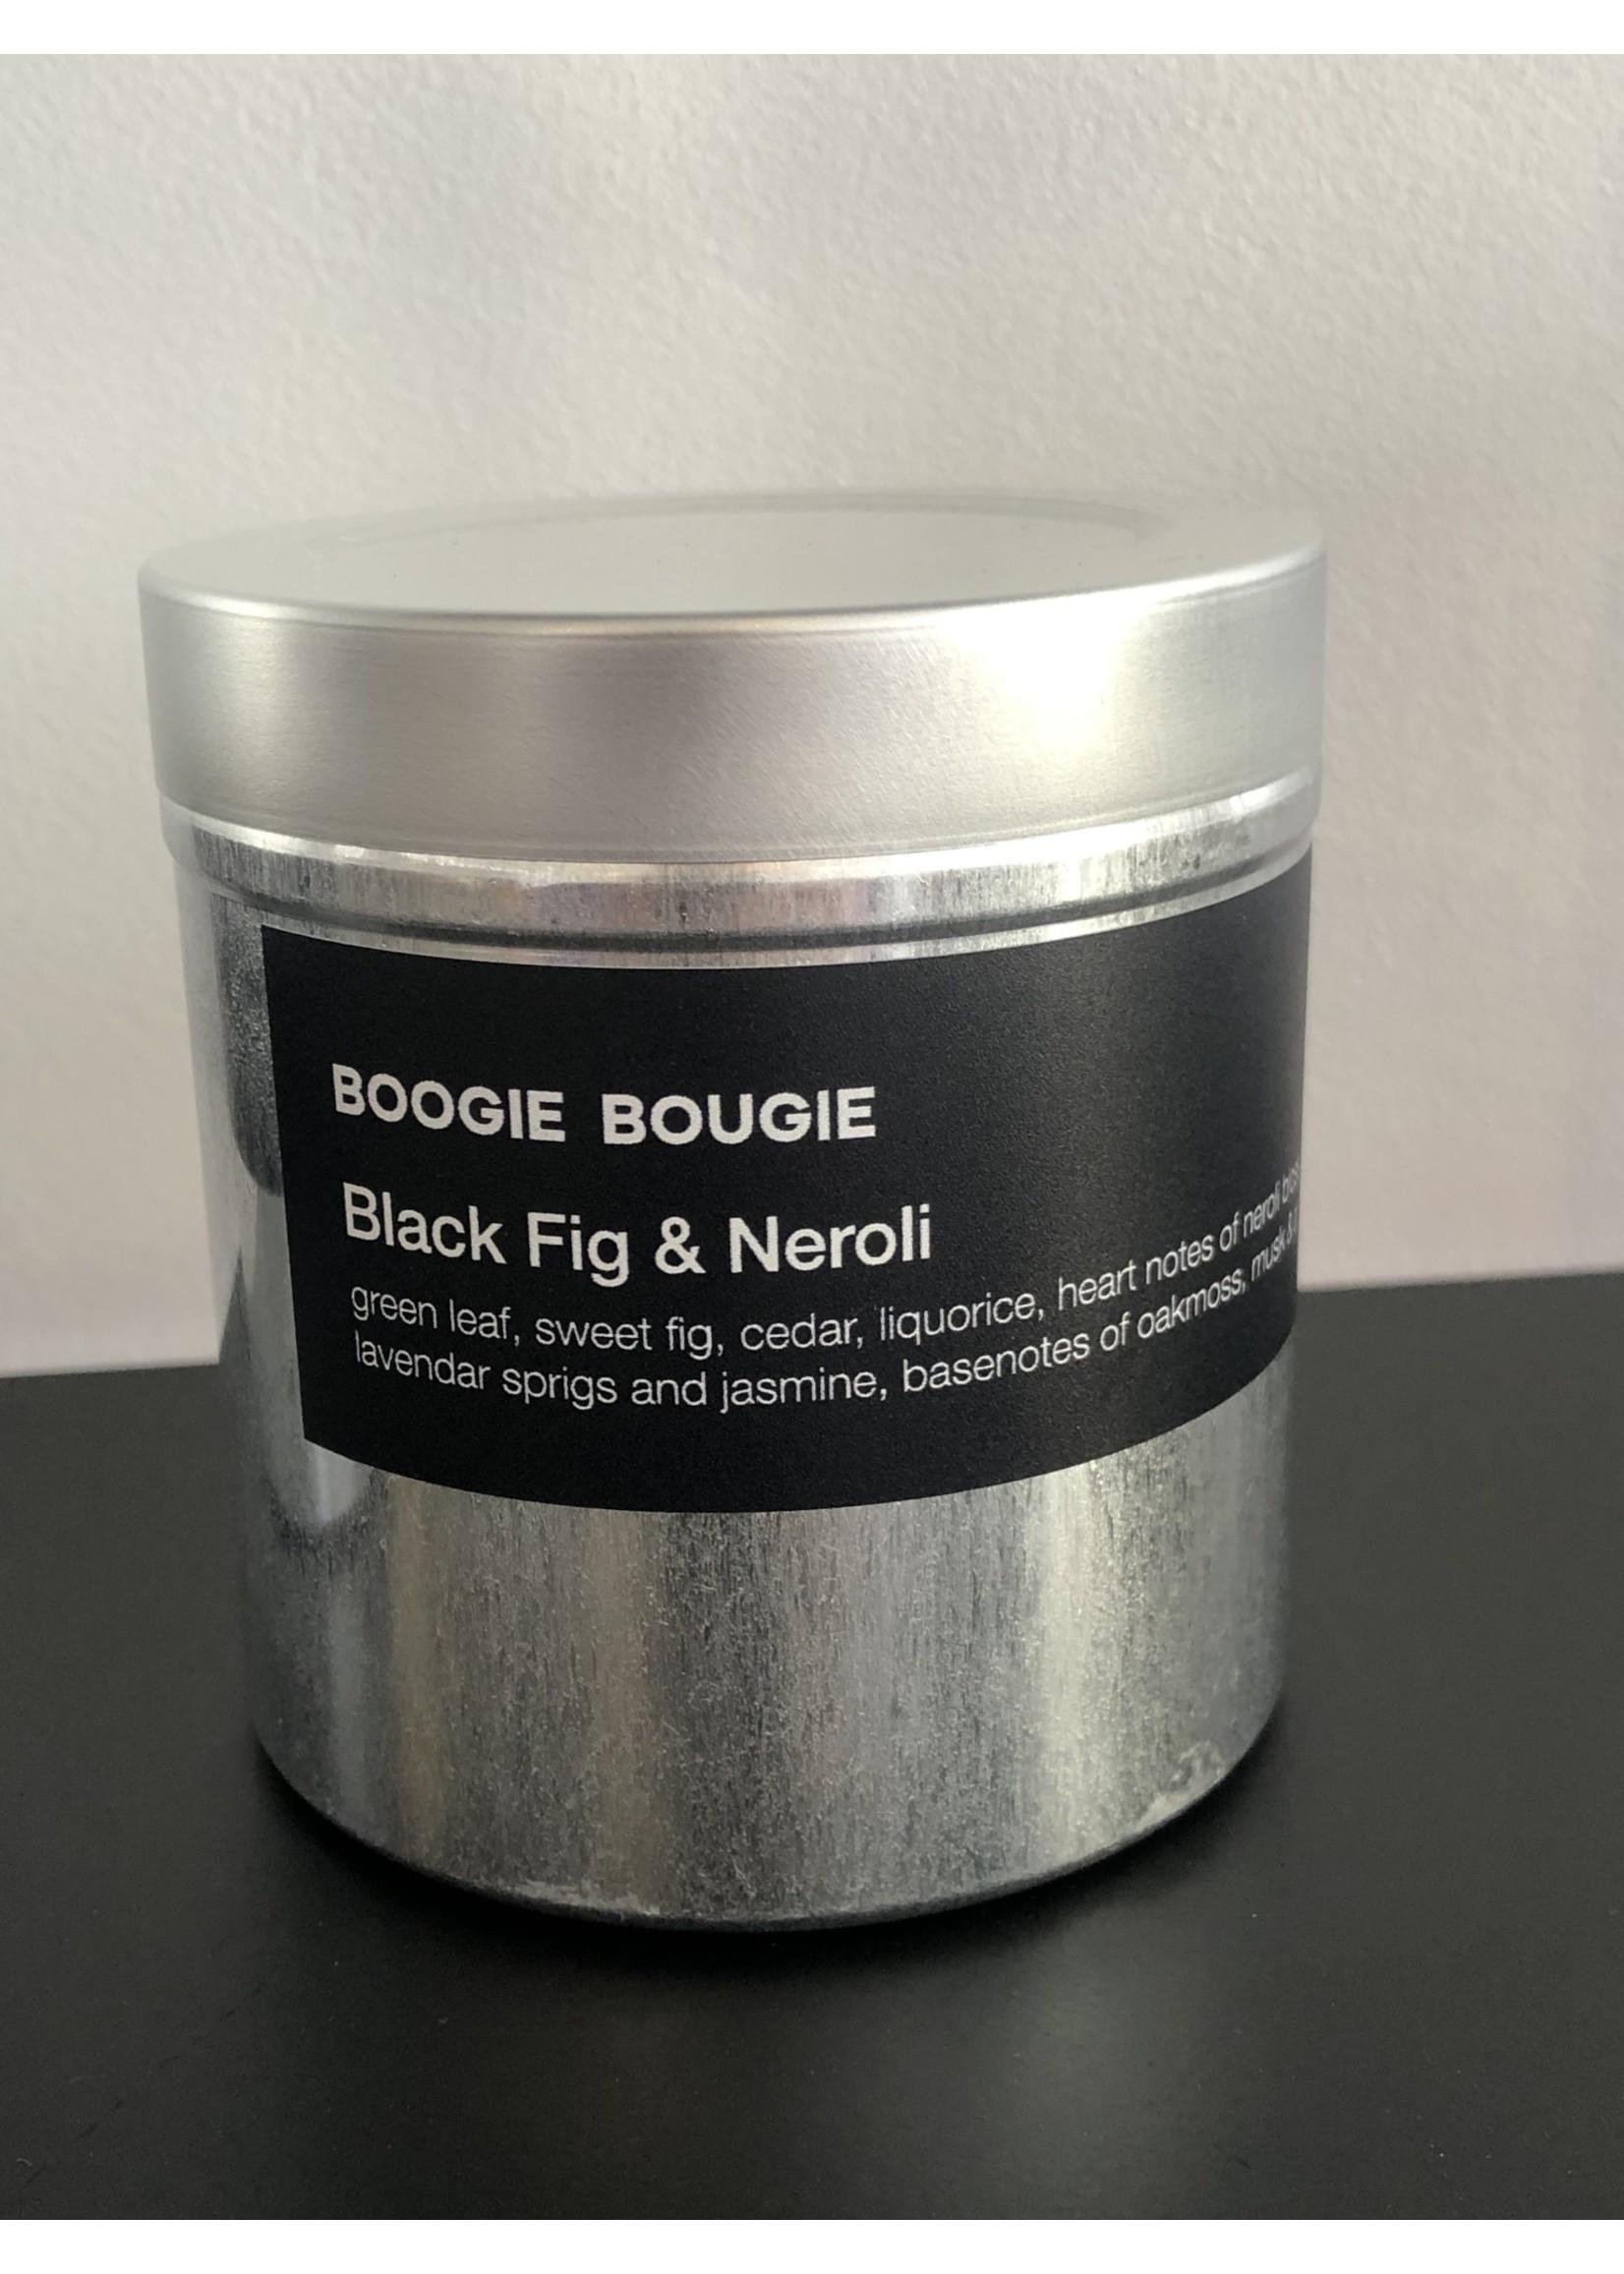 BOOGIE BOUGIE Boogie Bougie Geurkaars Black Fig & Neroli